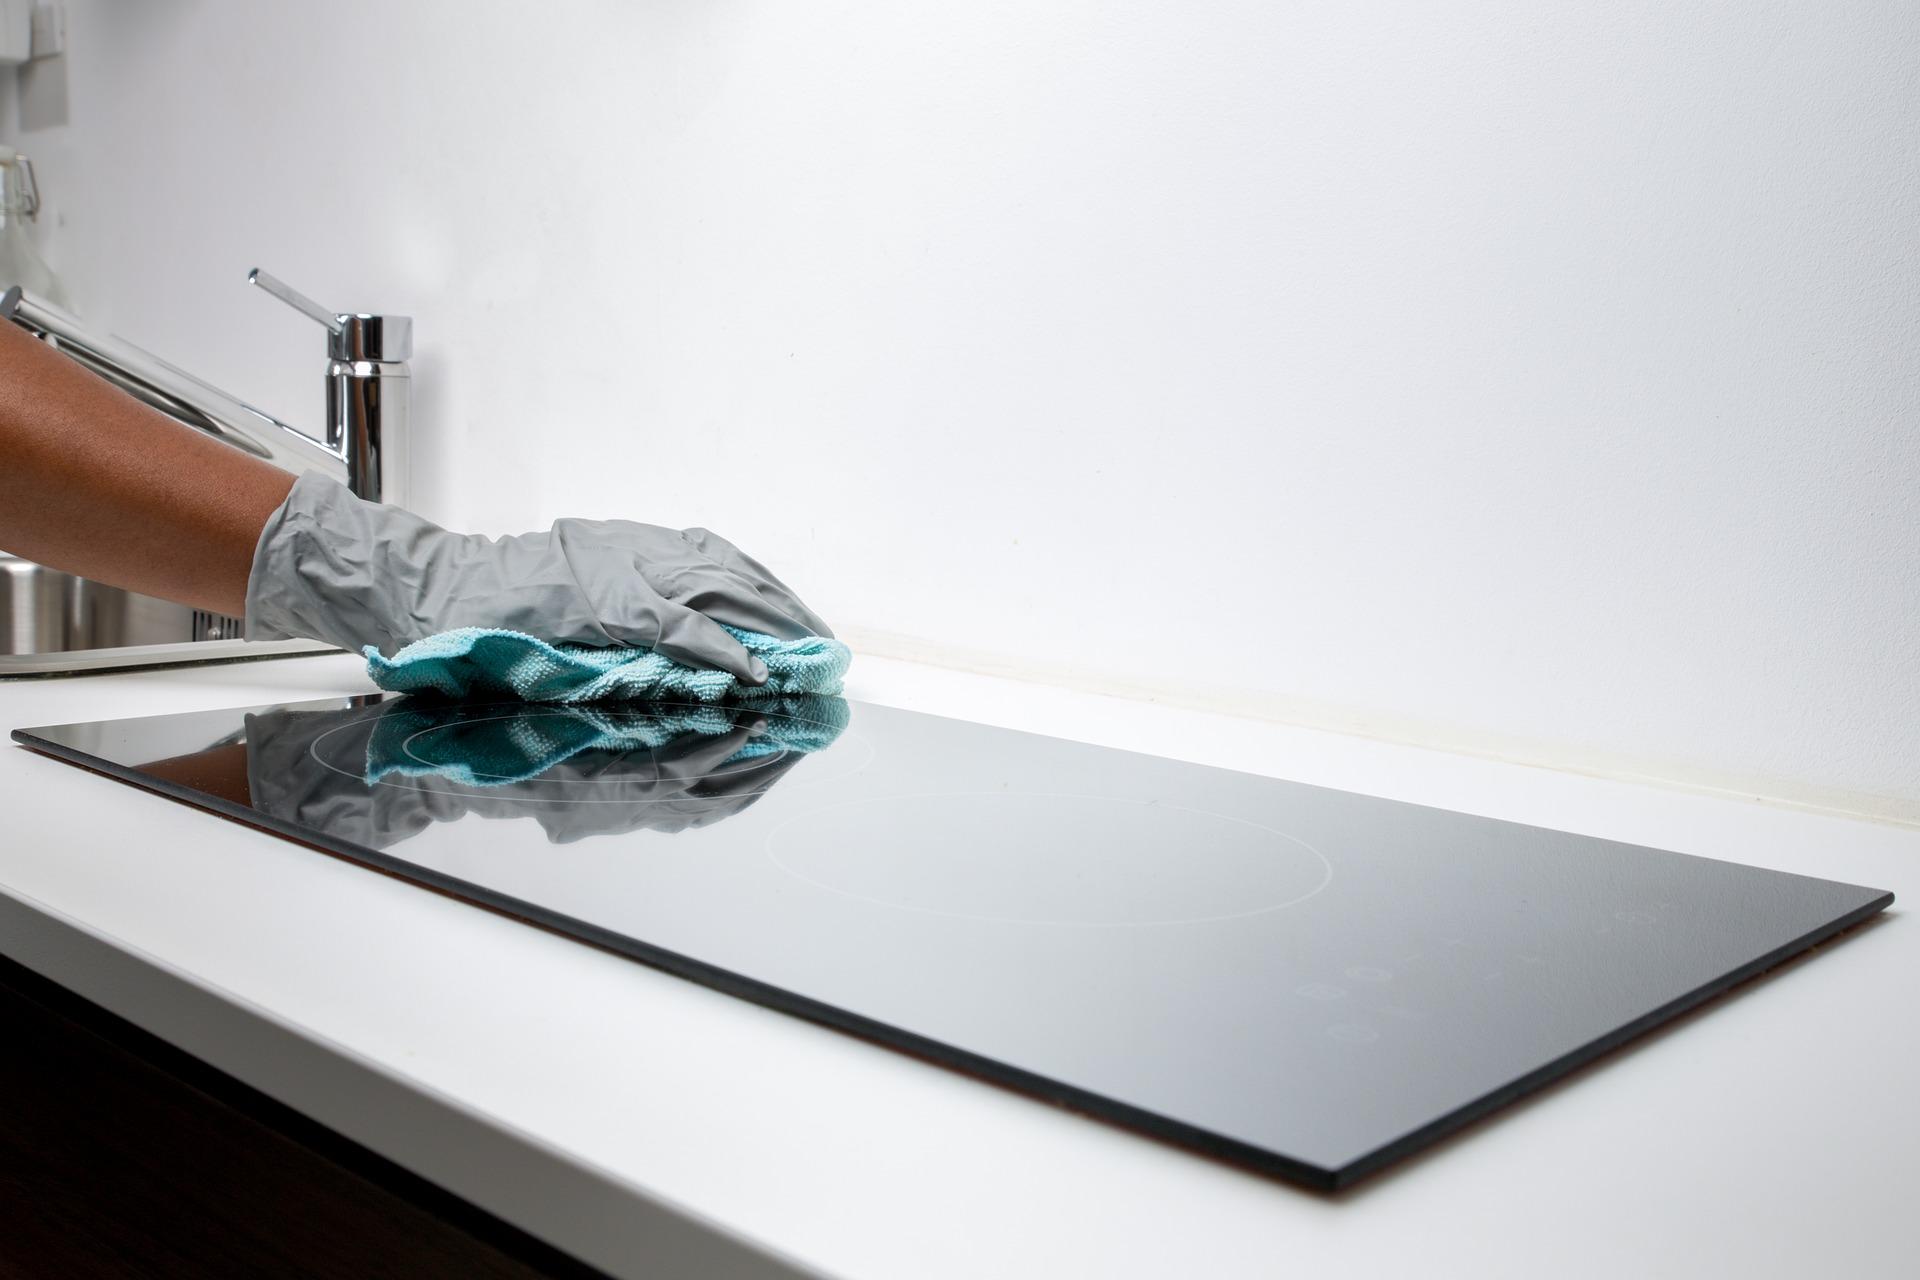 Los detergentes tienen propiedades emulsionantes: disuelven tanto agua como grasa.